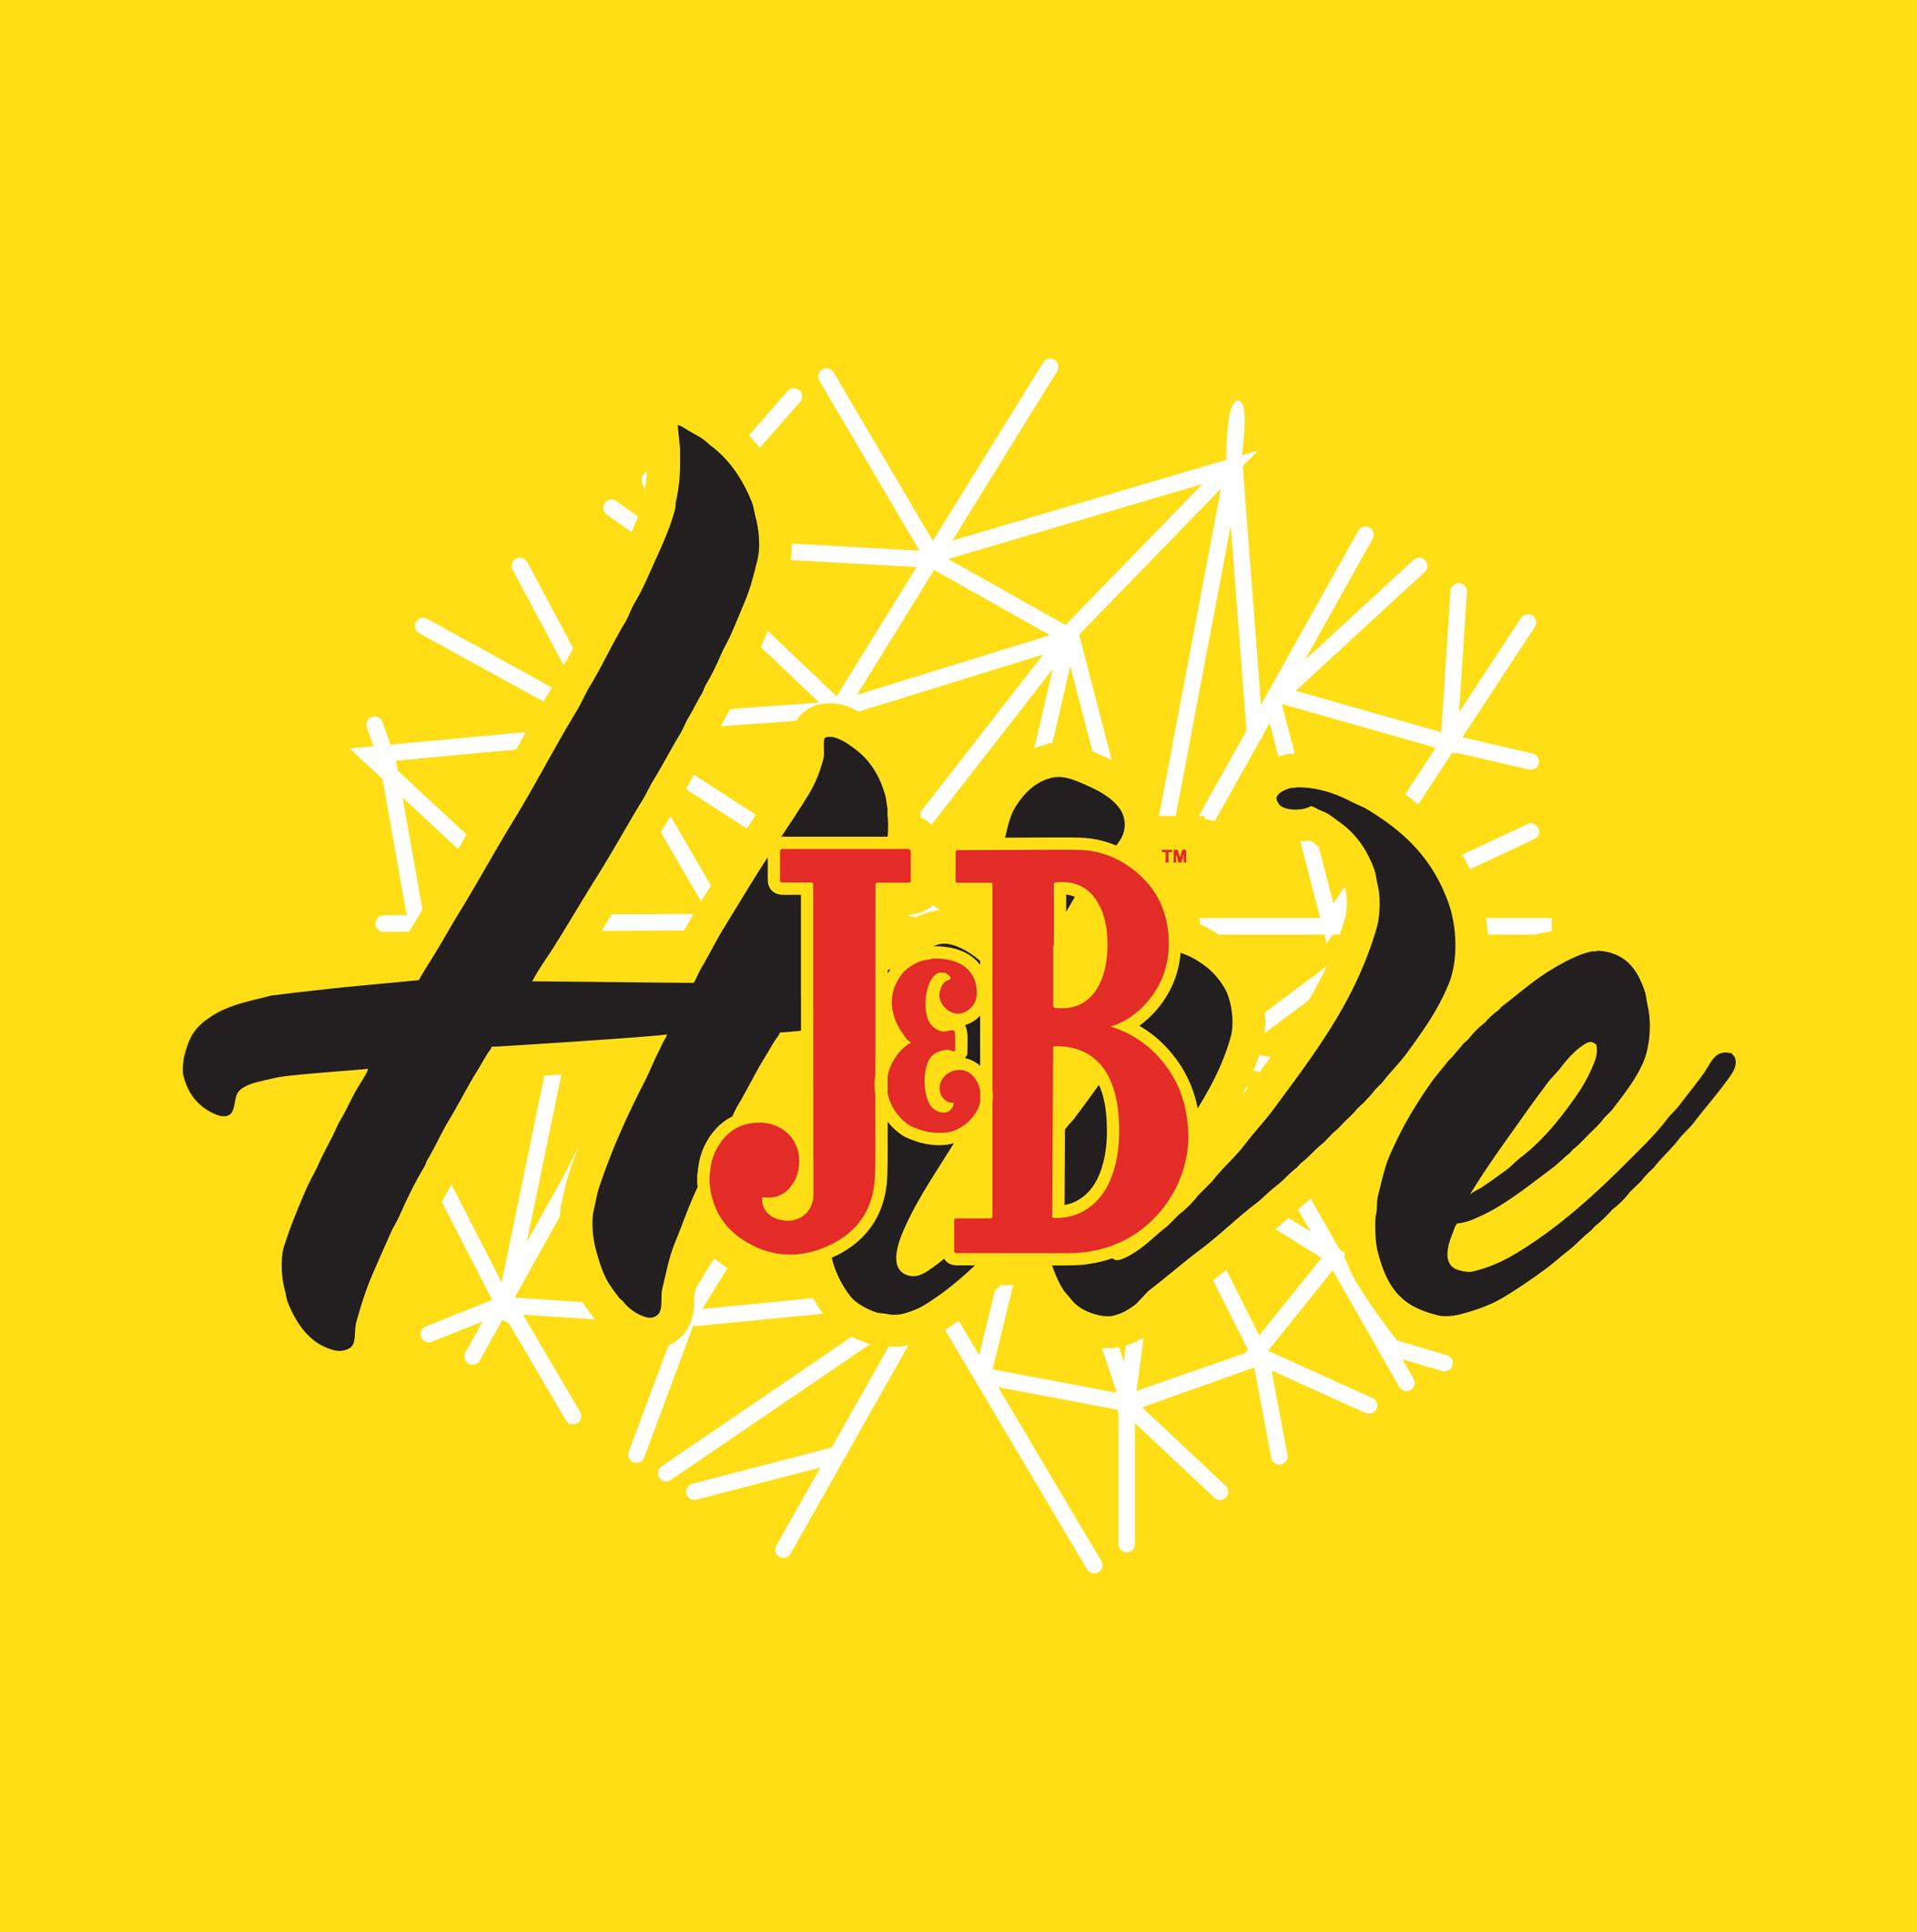 J&B HIve Logo (open file)